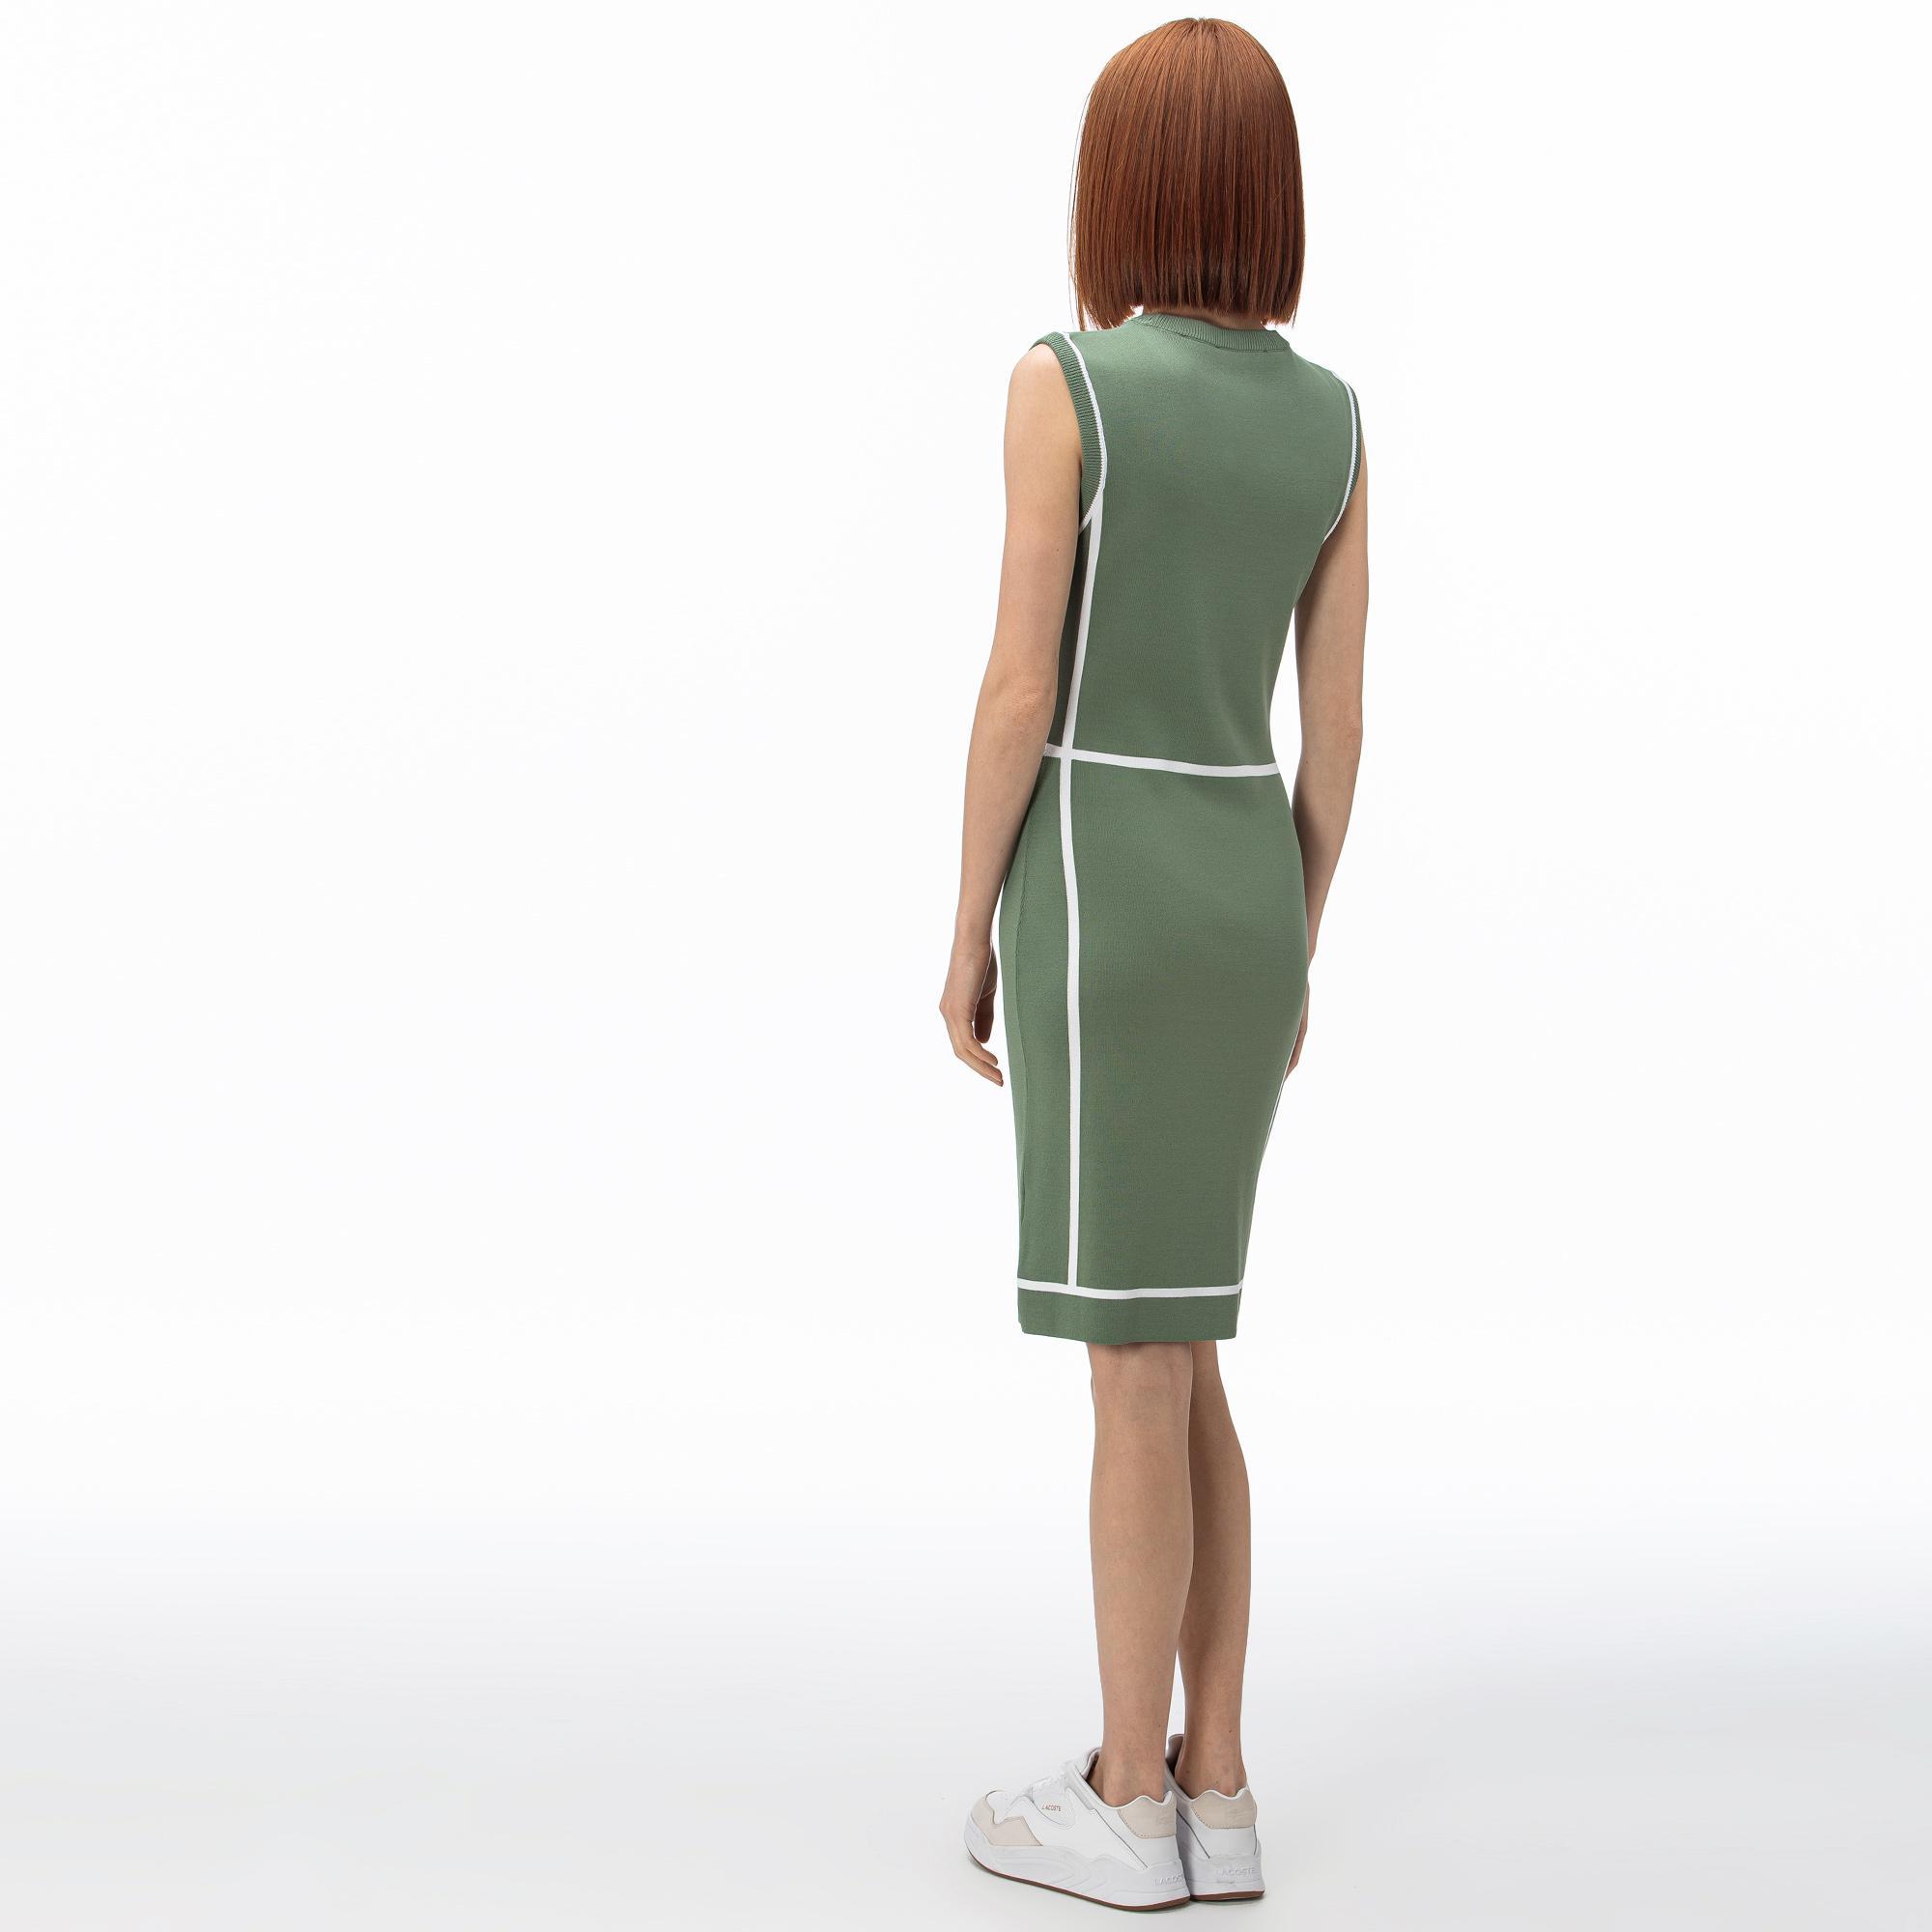 Lacoste Kadın V Yaka Kolsuz Haki Elbise